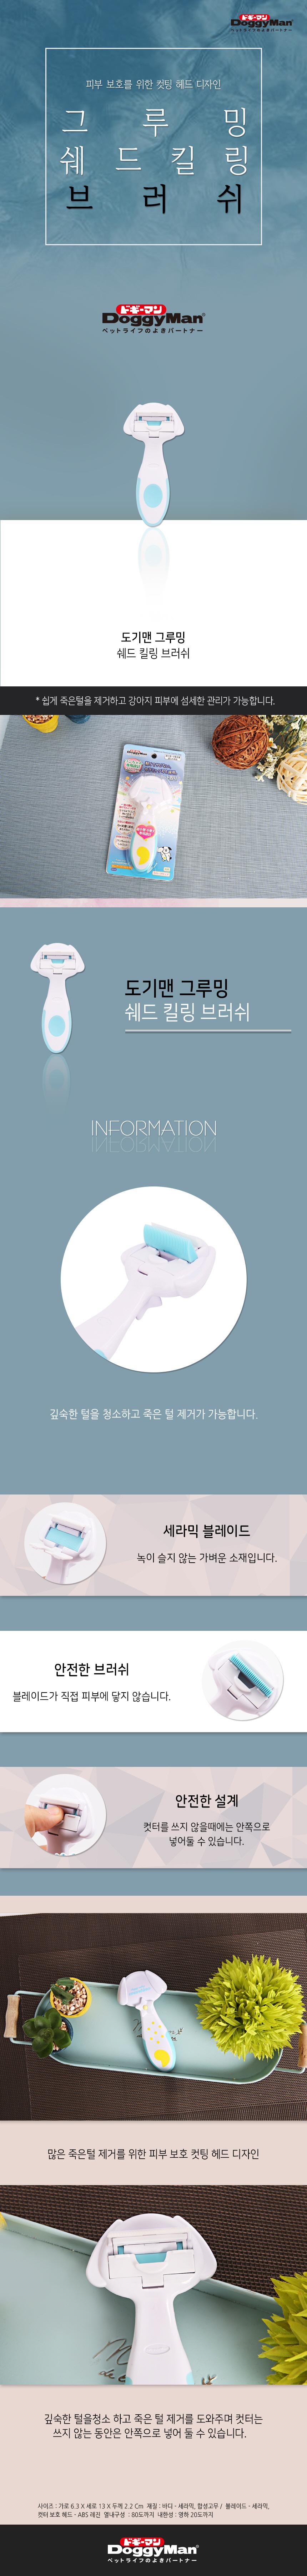 도기맨 그루밍 쉐드 킬링 브러쉬 (DW-82) - 도기맨, 13,900원, 미용/목욕용품, 브러쉬